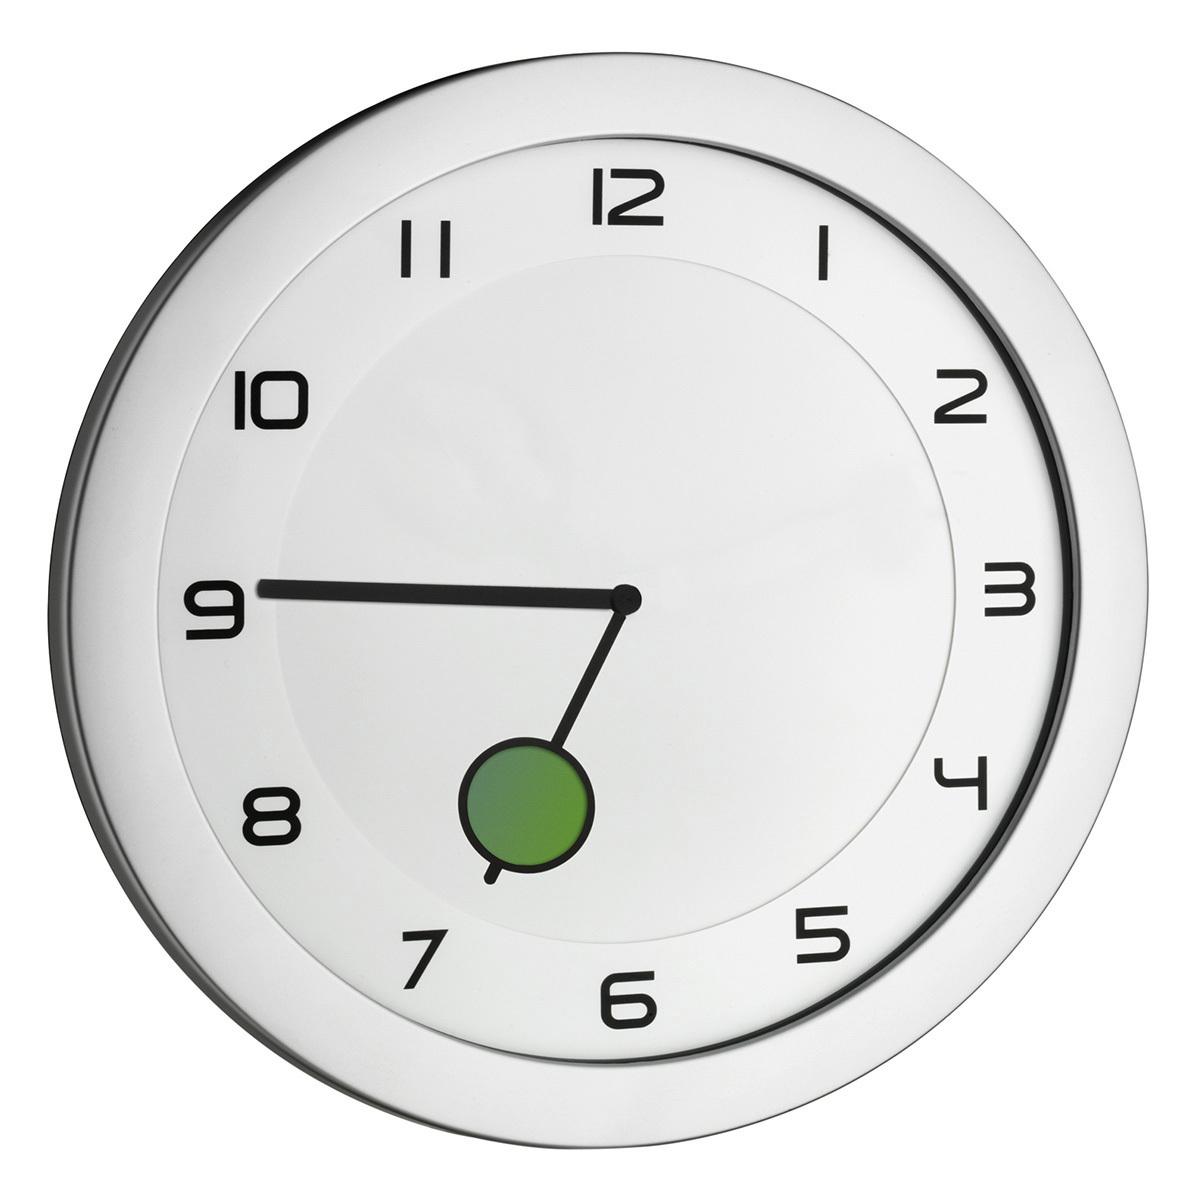 60-3028-54-analoge-wanduhr-happy-hour-grün-1200x1200px.jpg